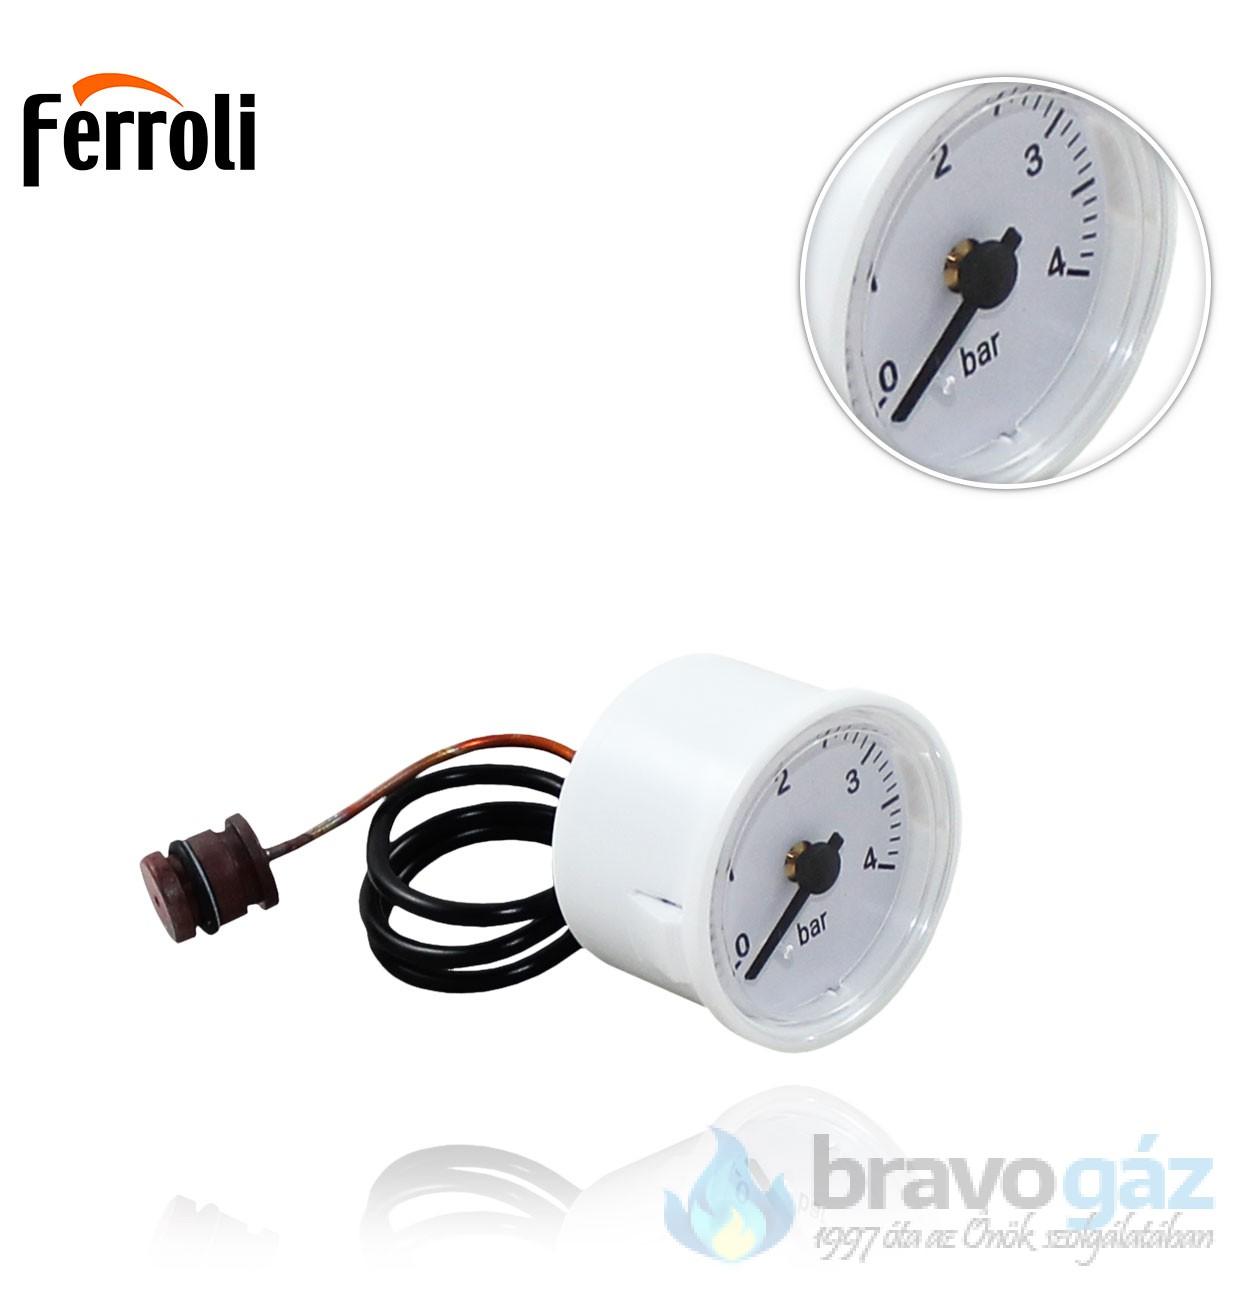 Ferroli nyomásmérő óra Domicompact